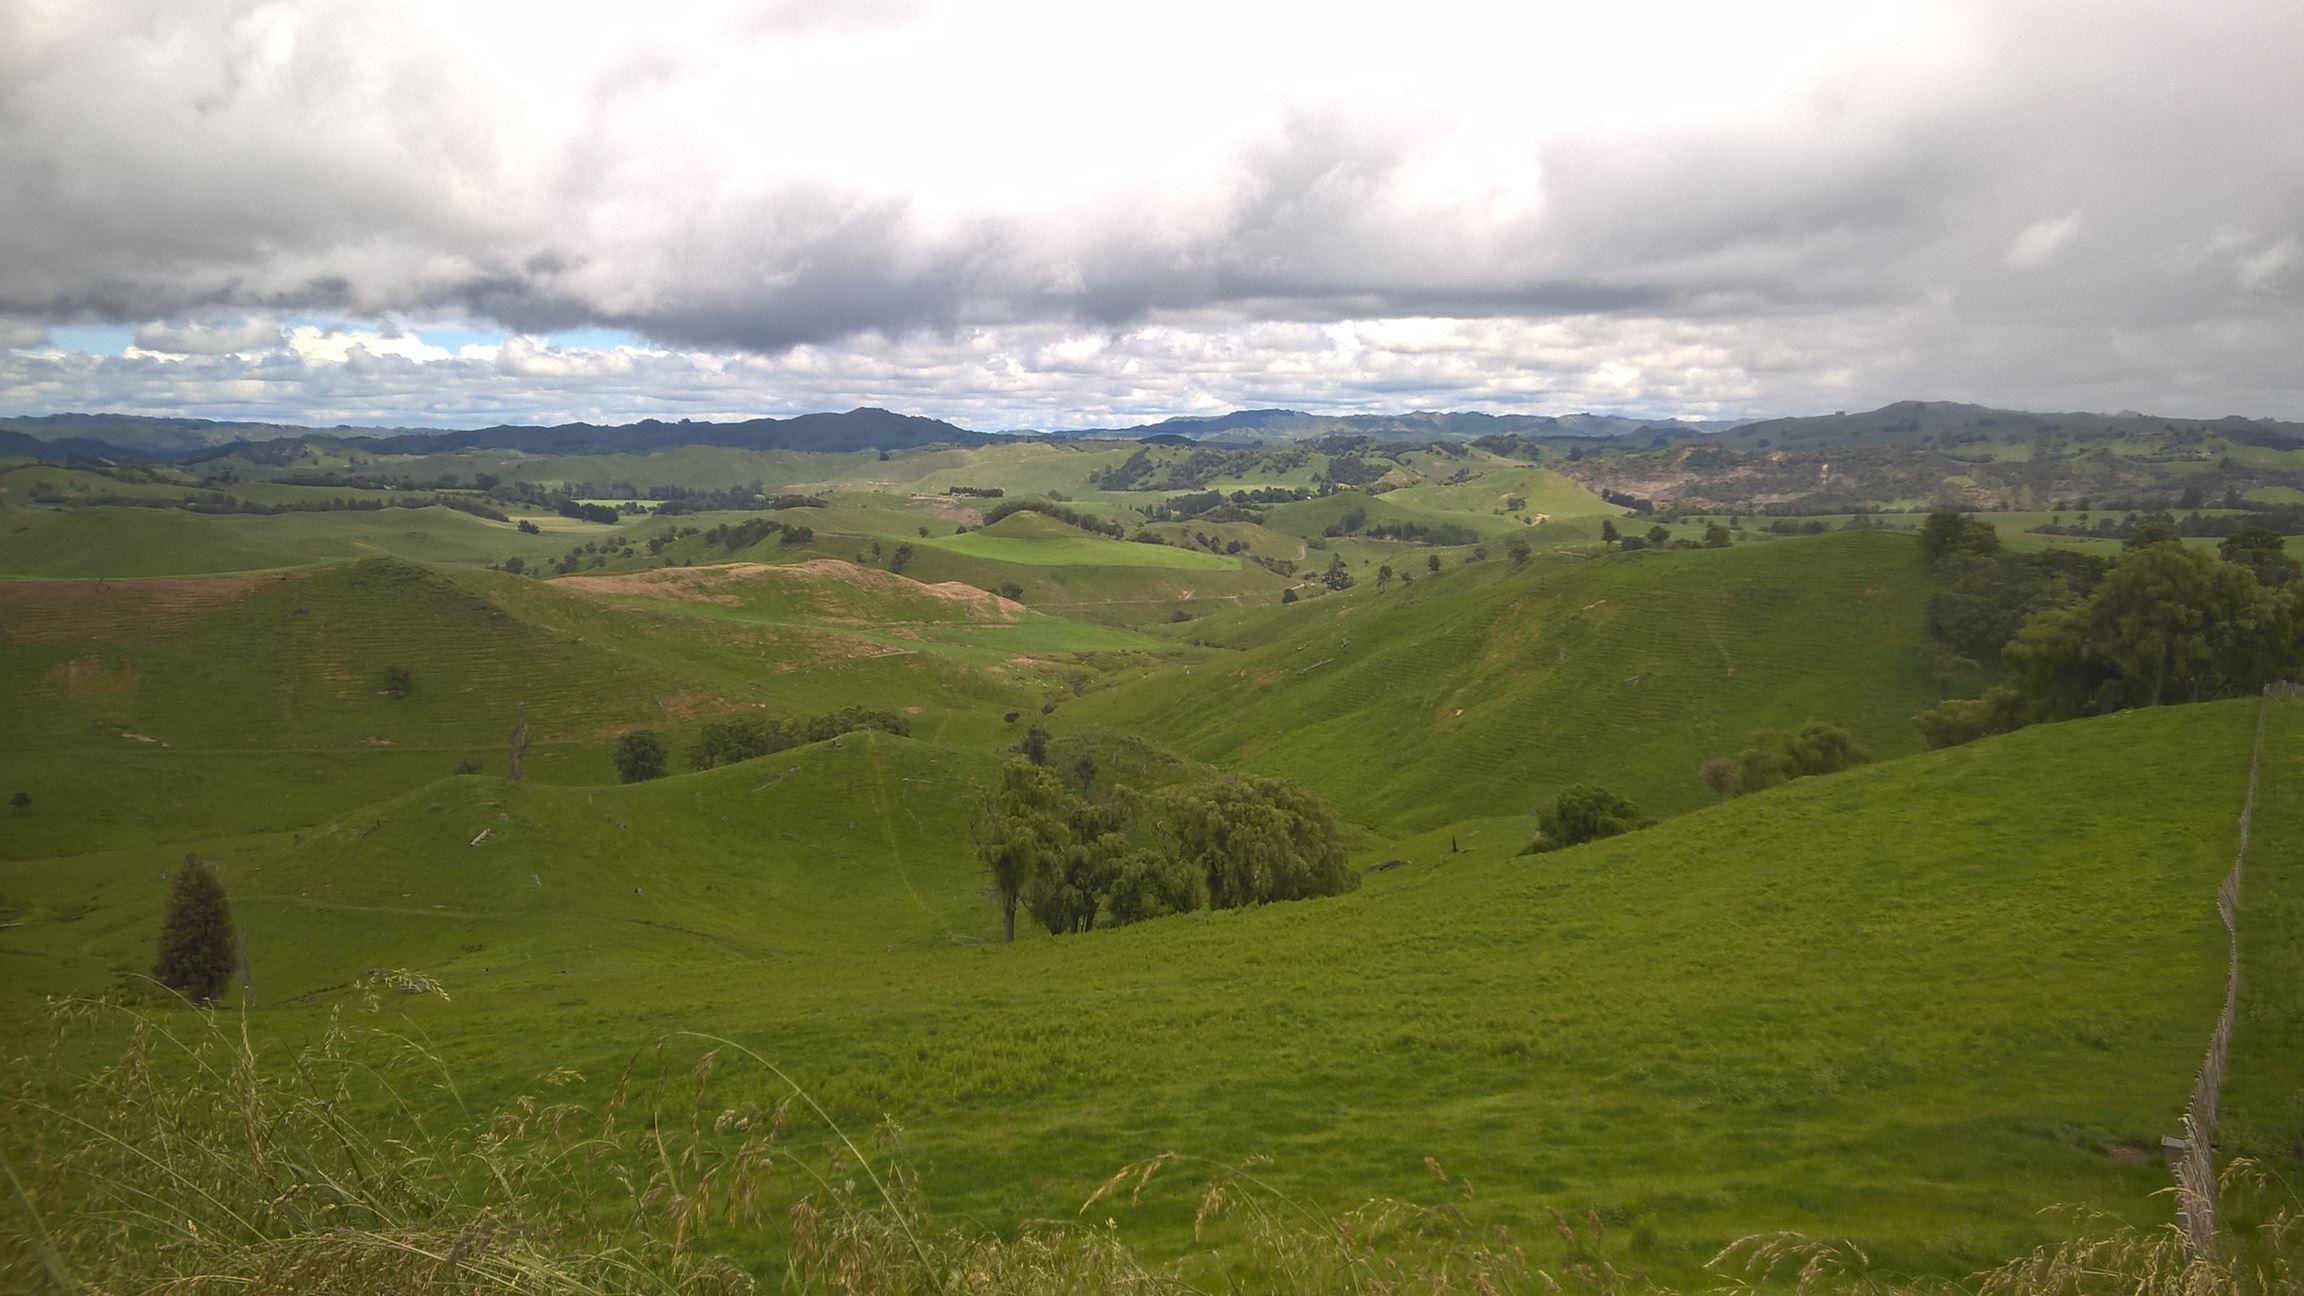 River Valley ist umgeben von grünen Hügeln